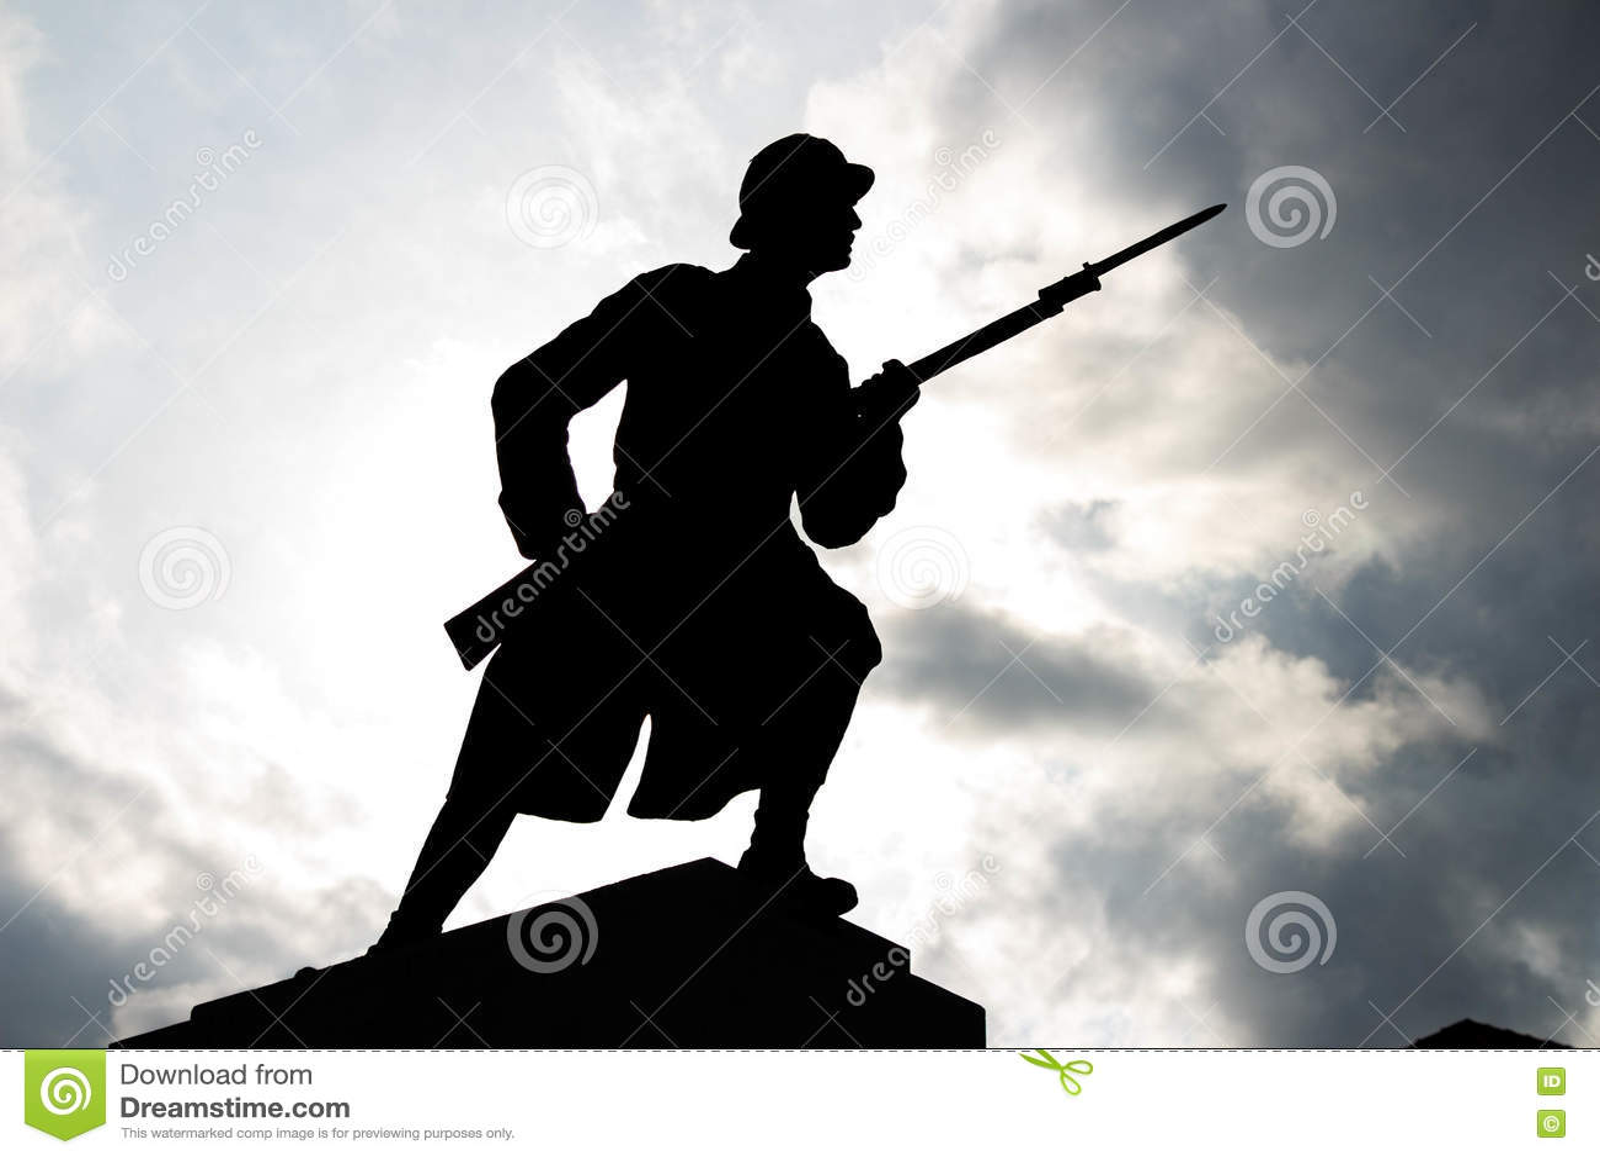 战士剪影在多云天空下